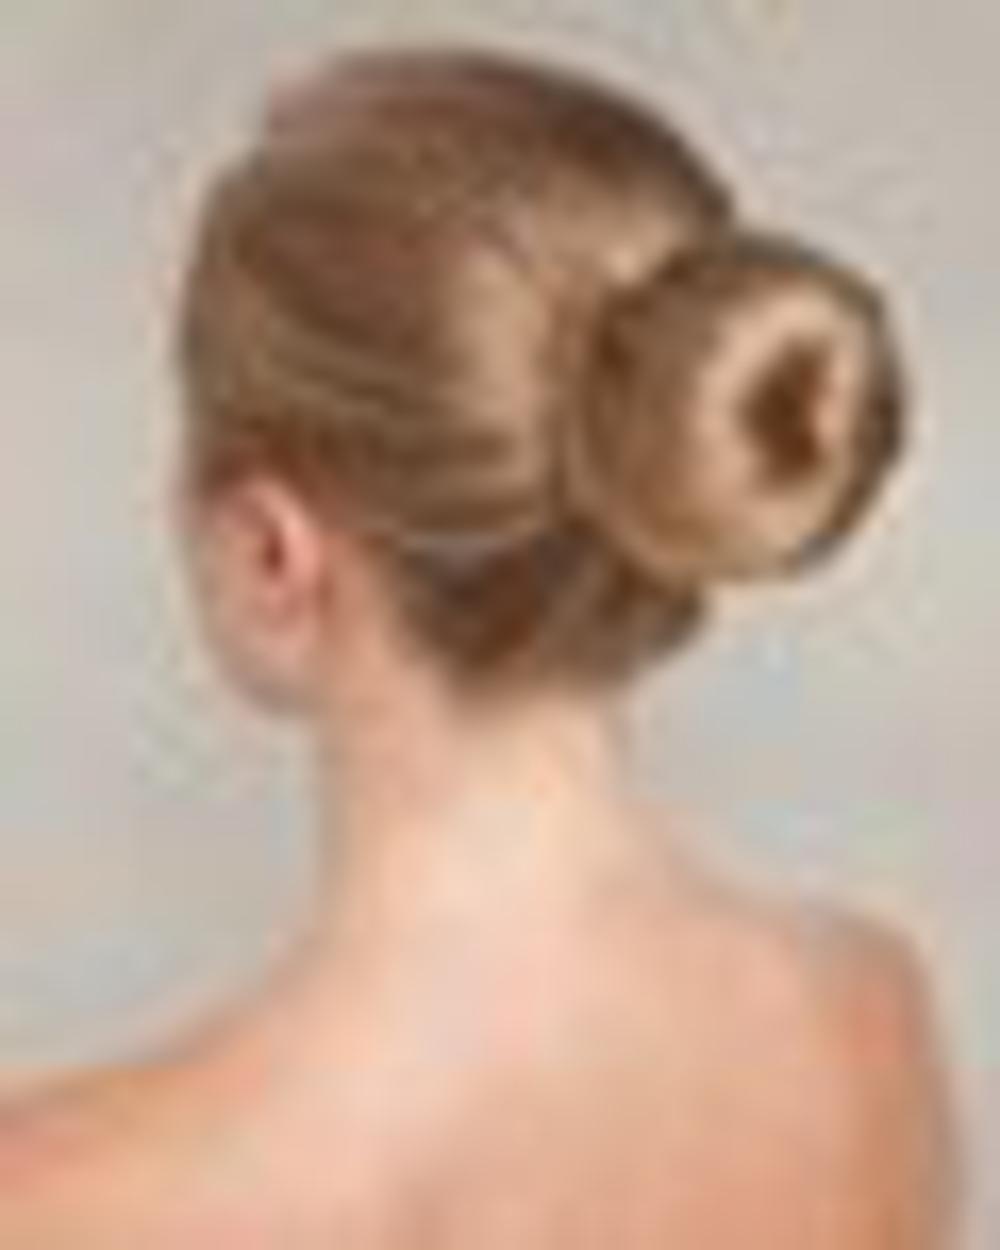 Шишечки на голове прическа фото